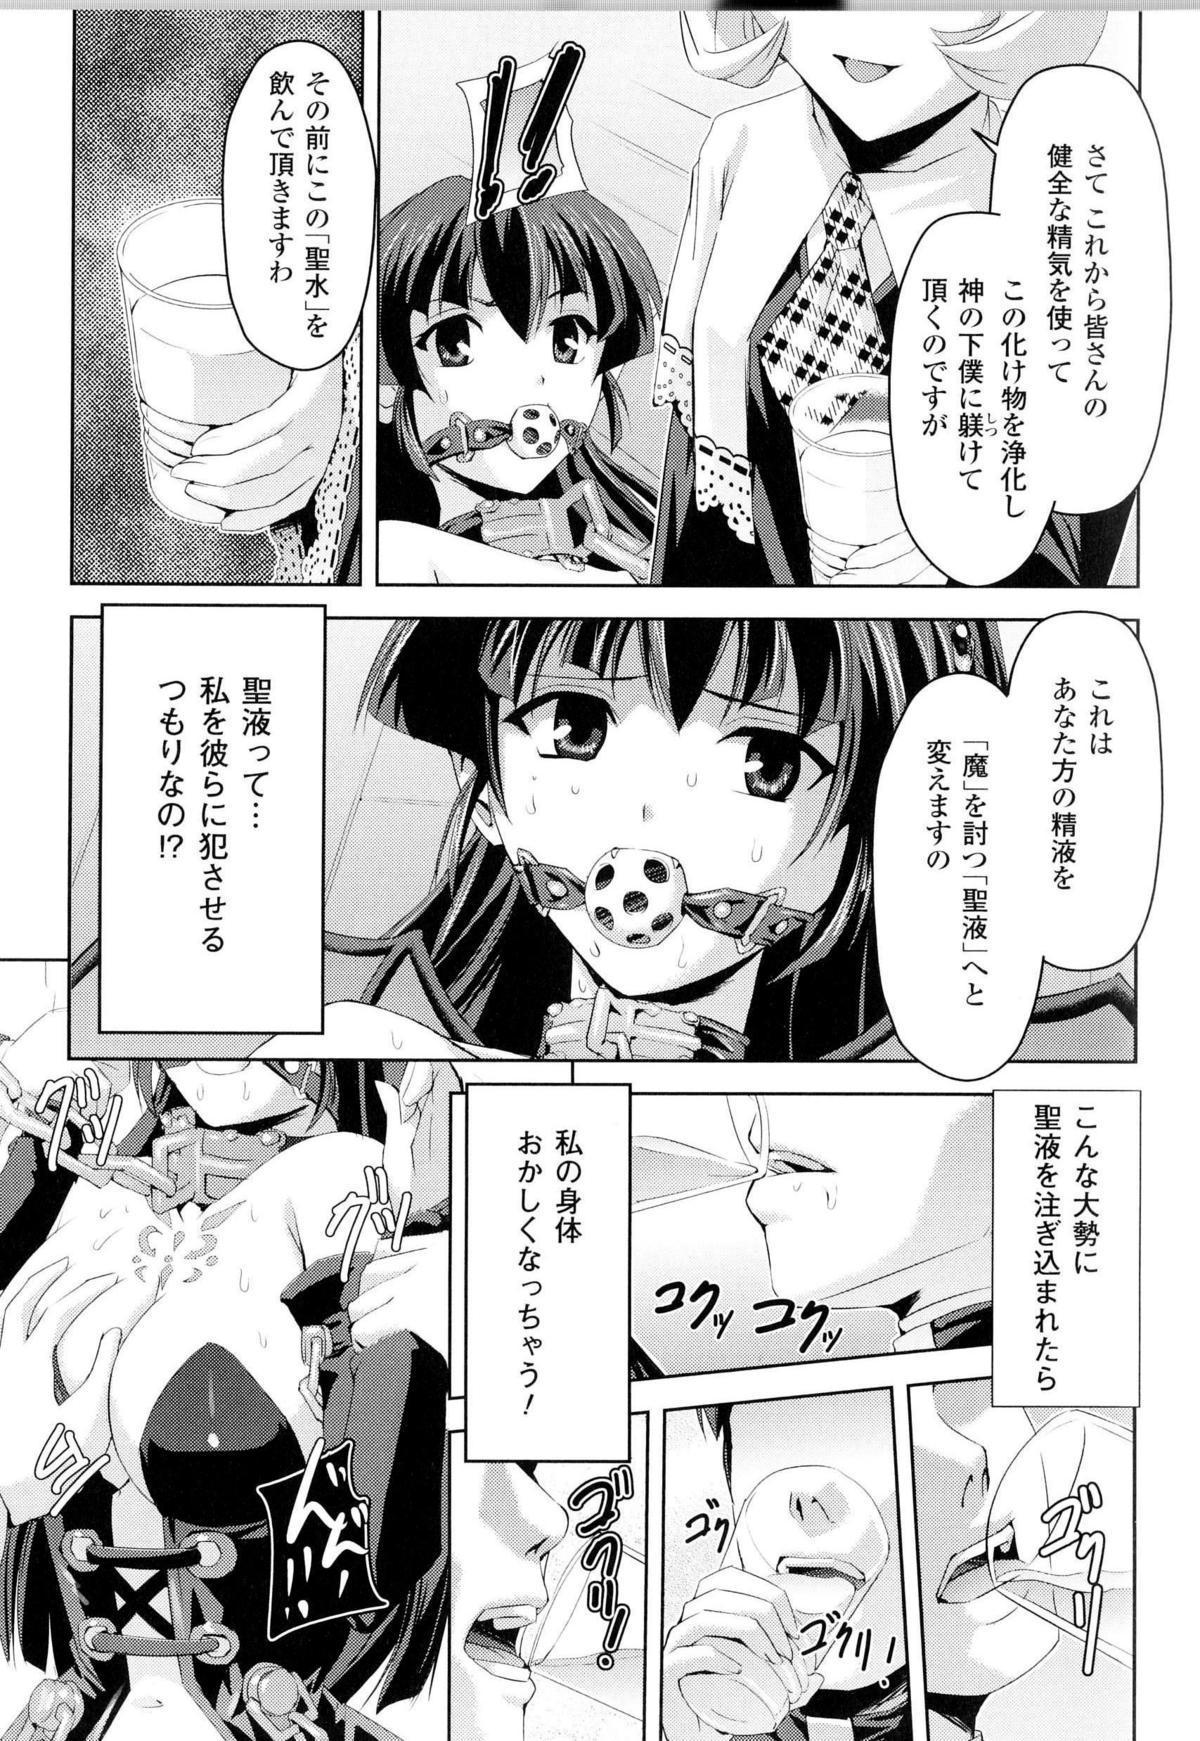 Toushin Engi Vol.14 27